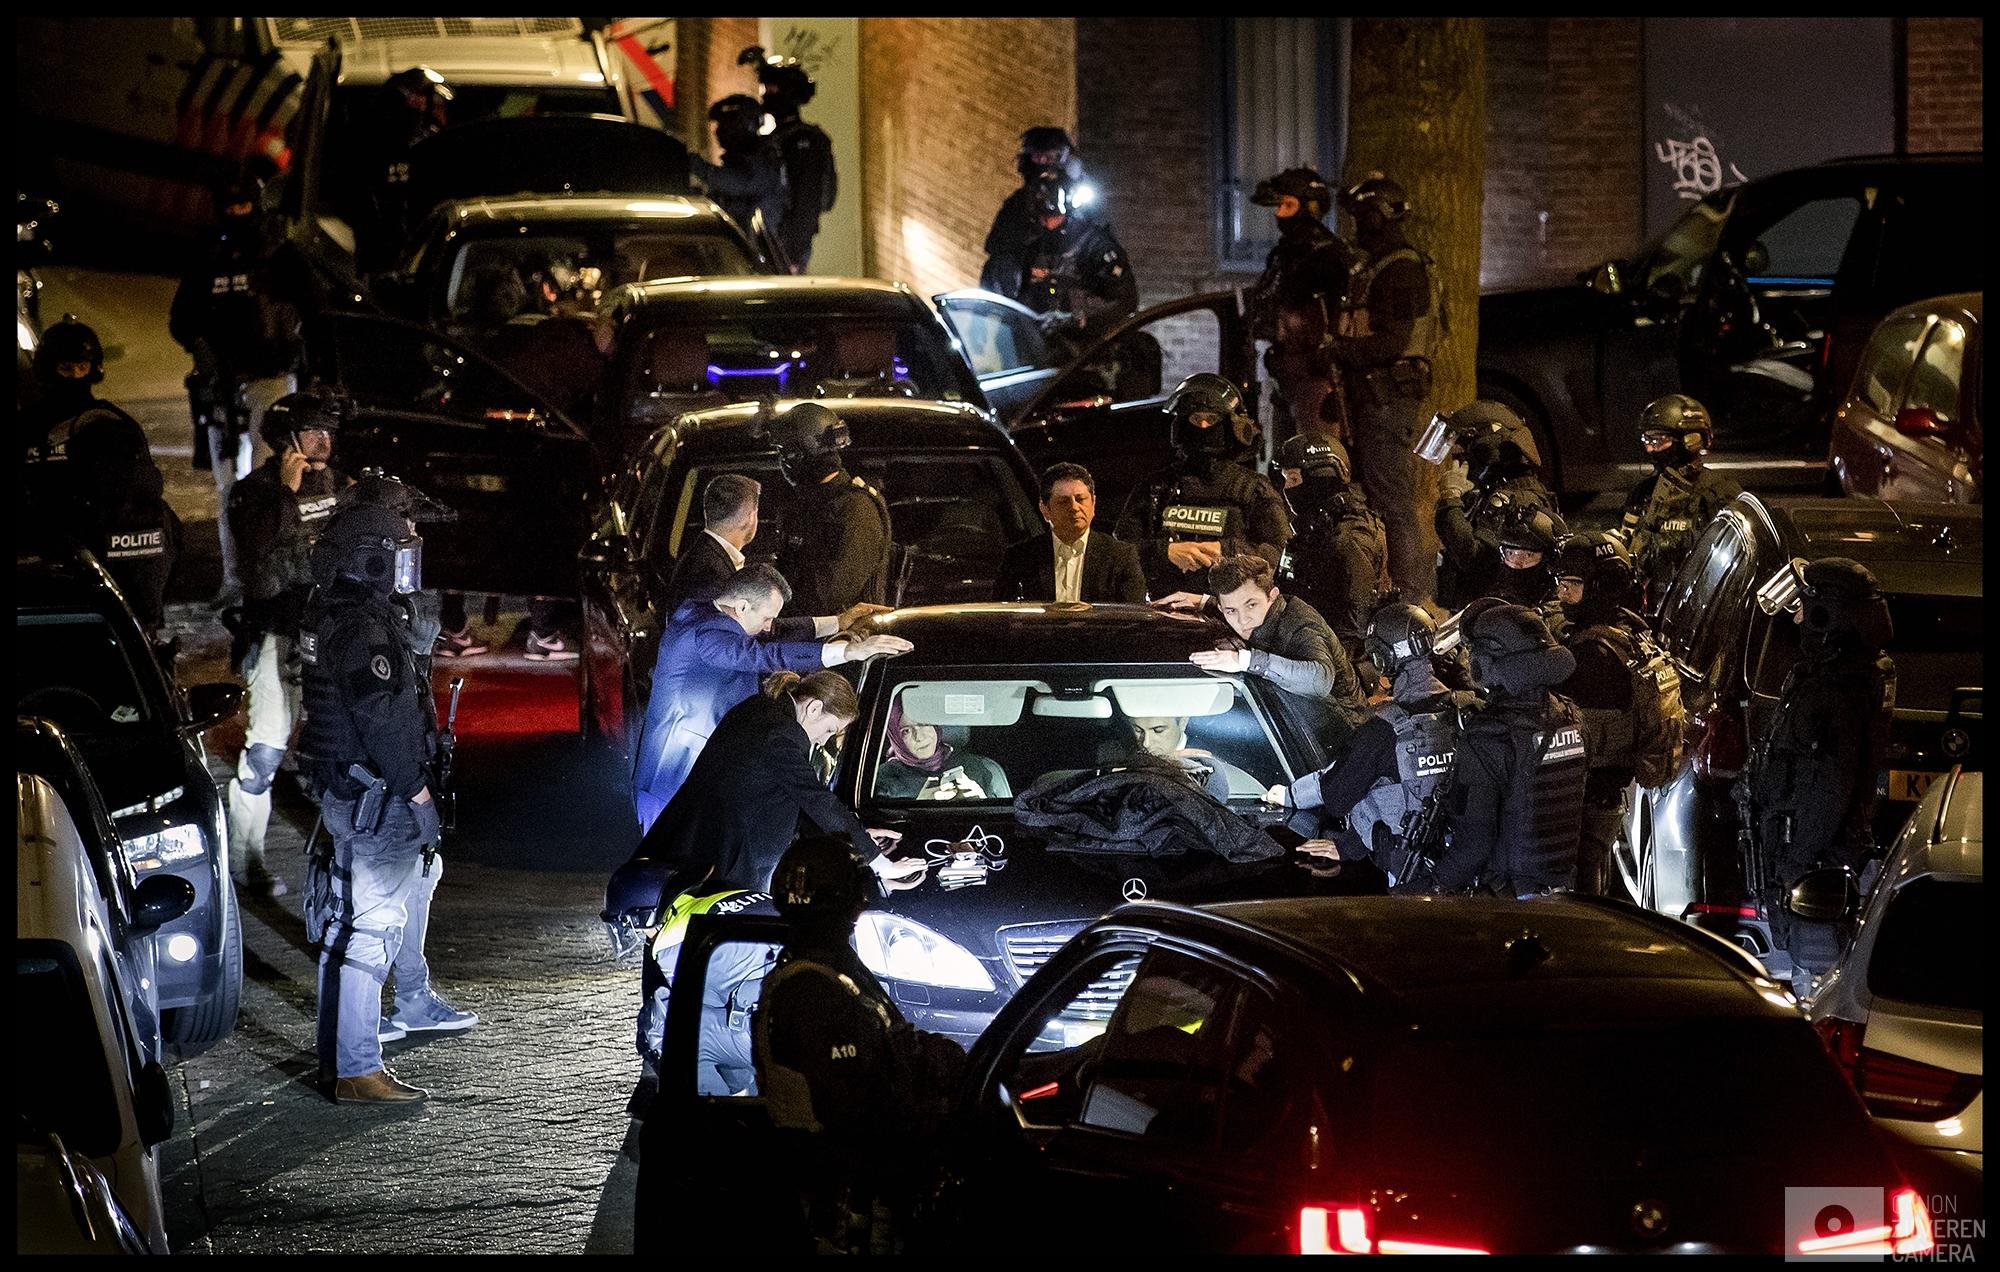 ROTTERDAM - Bodyguards van de Turkse minister Fatma Betul Sayan Kaya van Familiezaken worden door de Dienst Speciale Interventies gefouilleerd wegens vermoedelijk wapenbezit. De minister wacht in haar auto aan de achterkant van het Turkse consulaat in Rotterdam. Aan de voorkant staat een woedende menigte van Turks Nederlandse Erdogan-aanhangers.